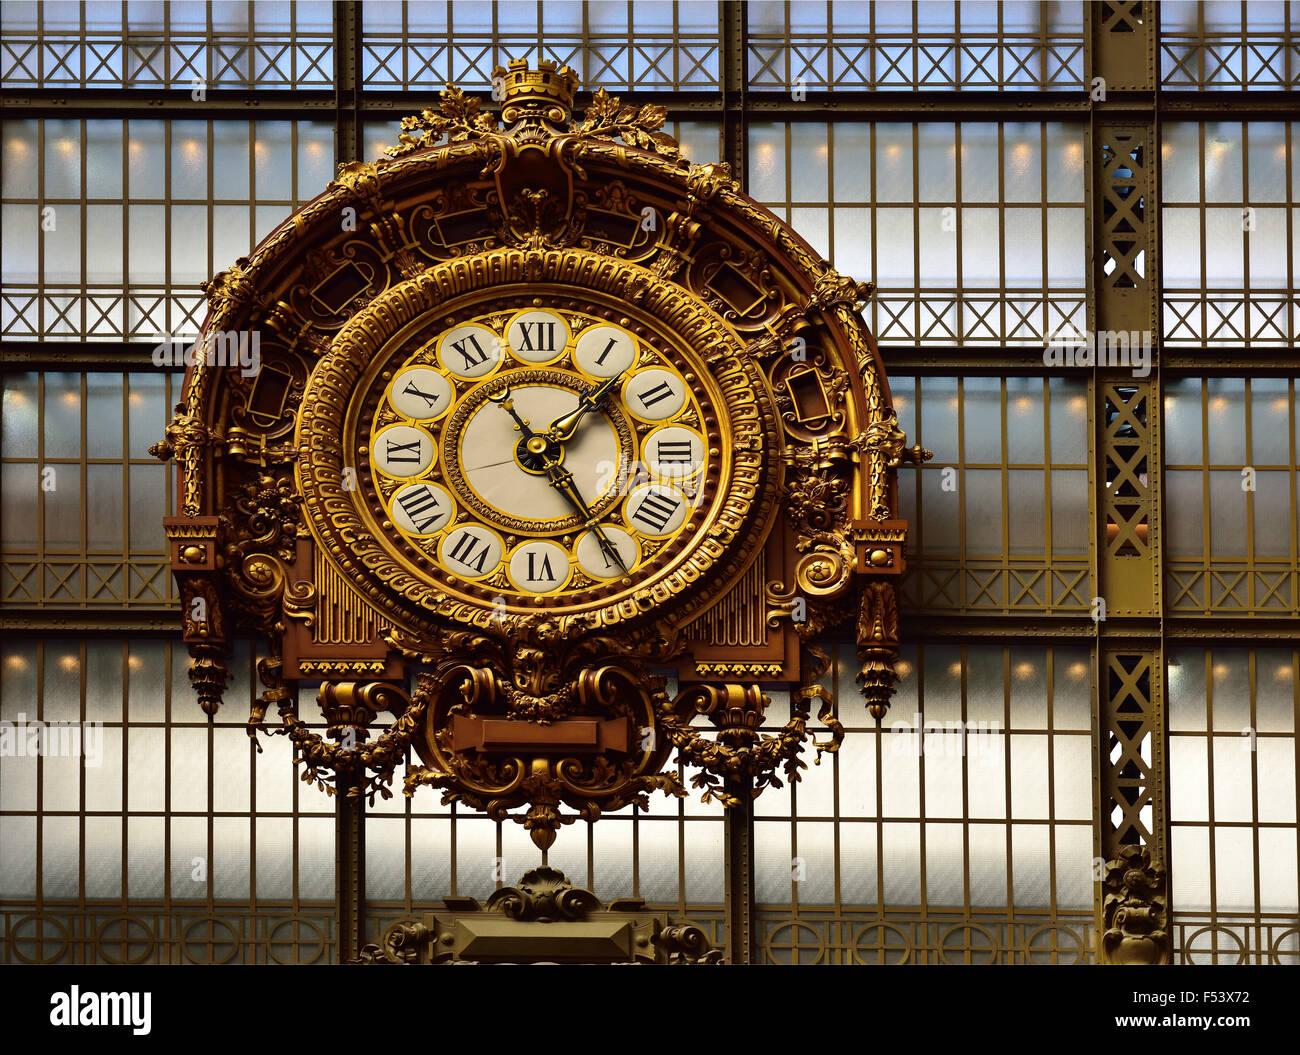 Belle Epoque train station clock, Musée Quai d'Orsay, Paris, Ile de France, France Stock Photo